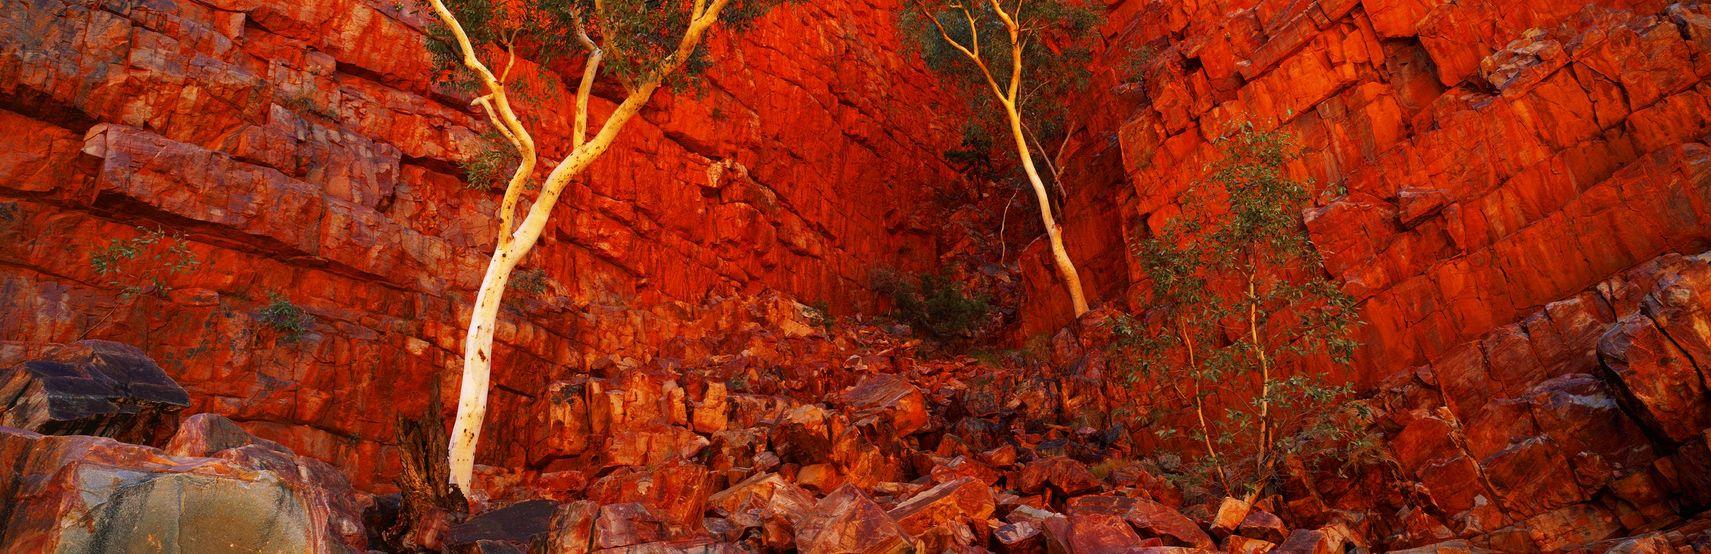 Ghost Cliffs